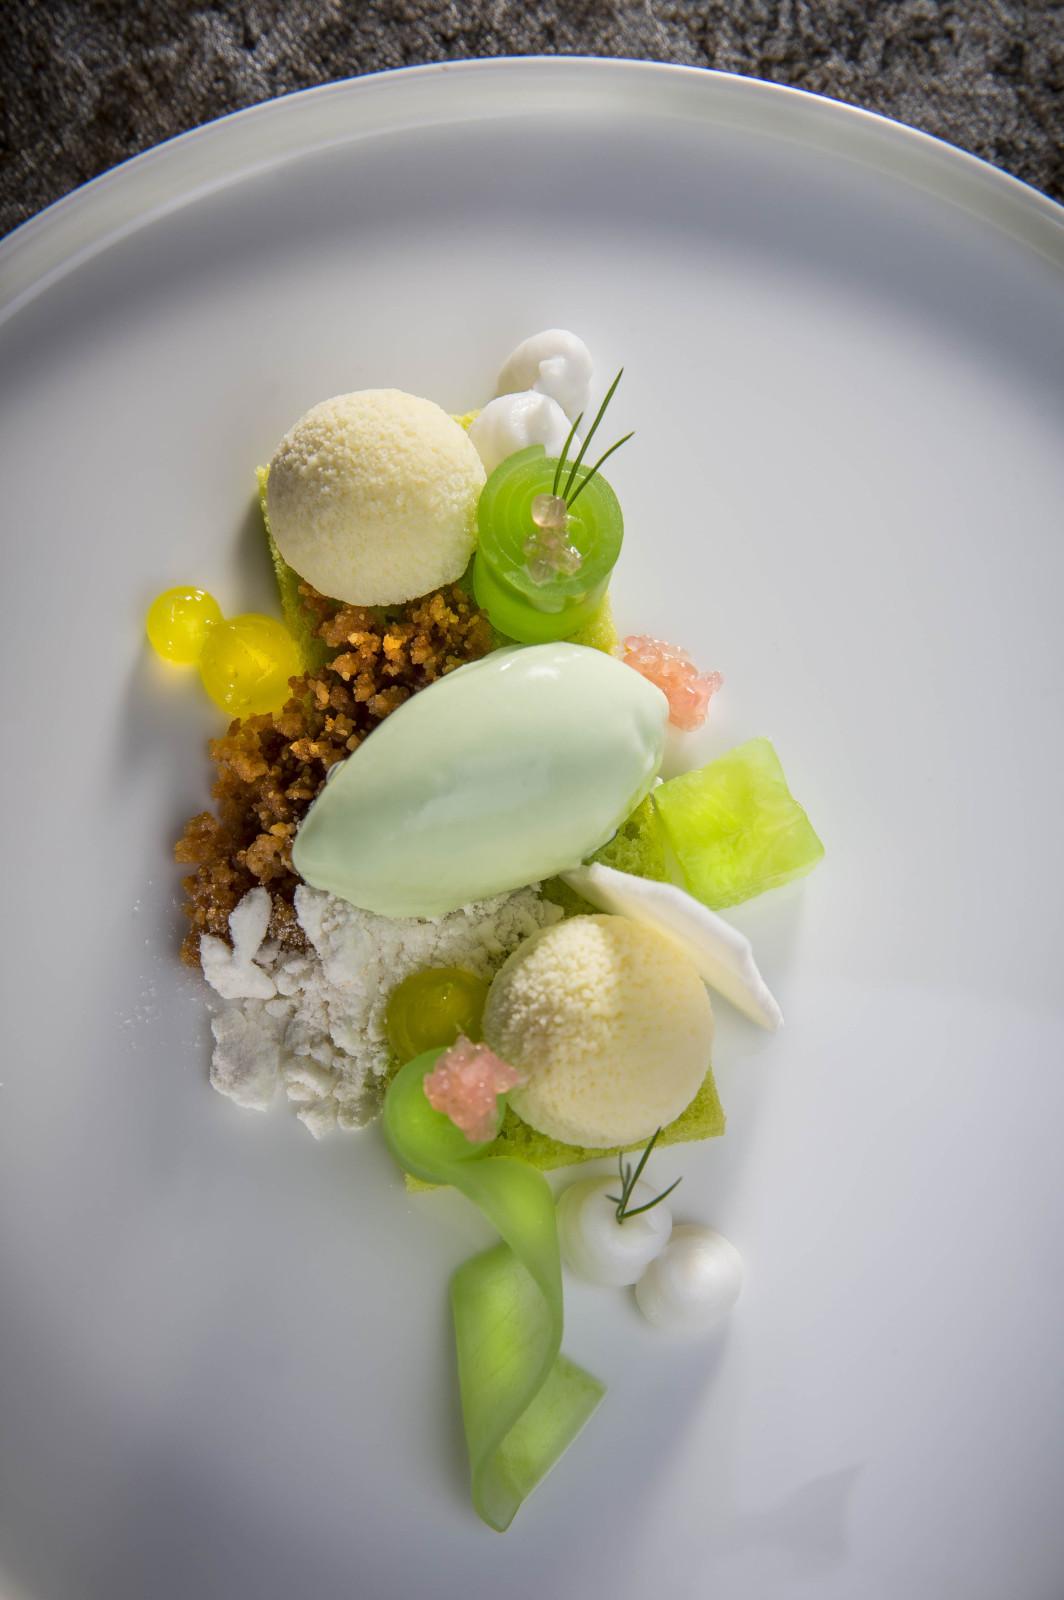 das Dessert: Gurke mit weißer Schokolade und Yuzu, auf eine Scheibe Dillkuchen gebettet